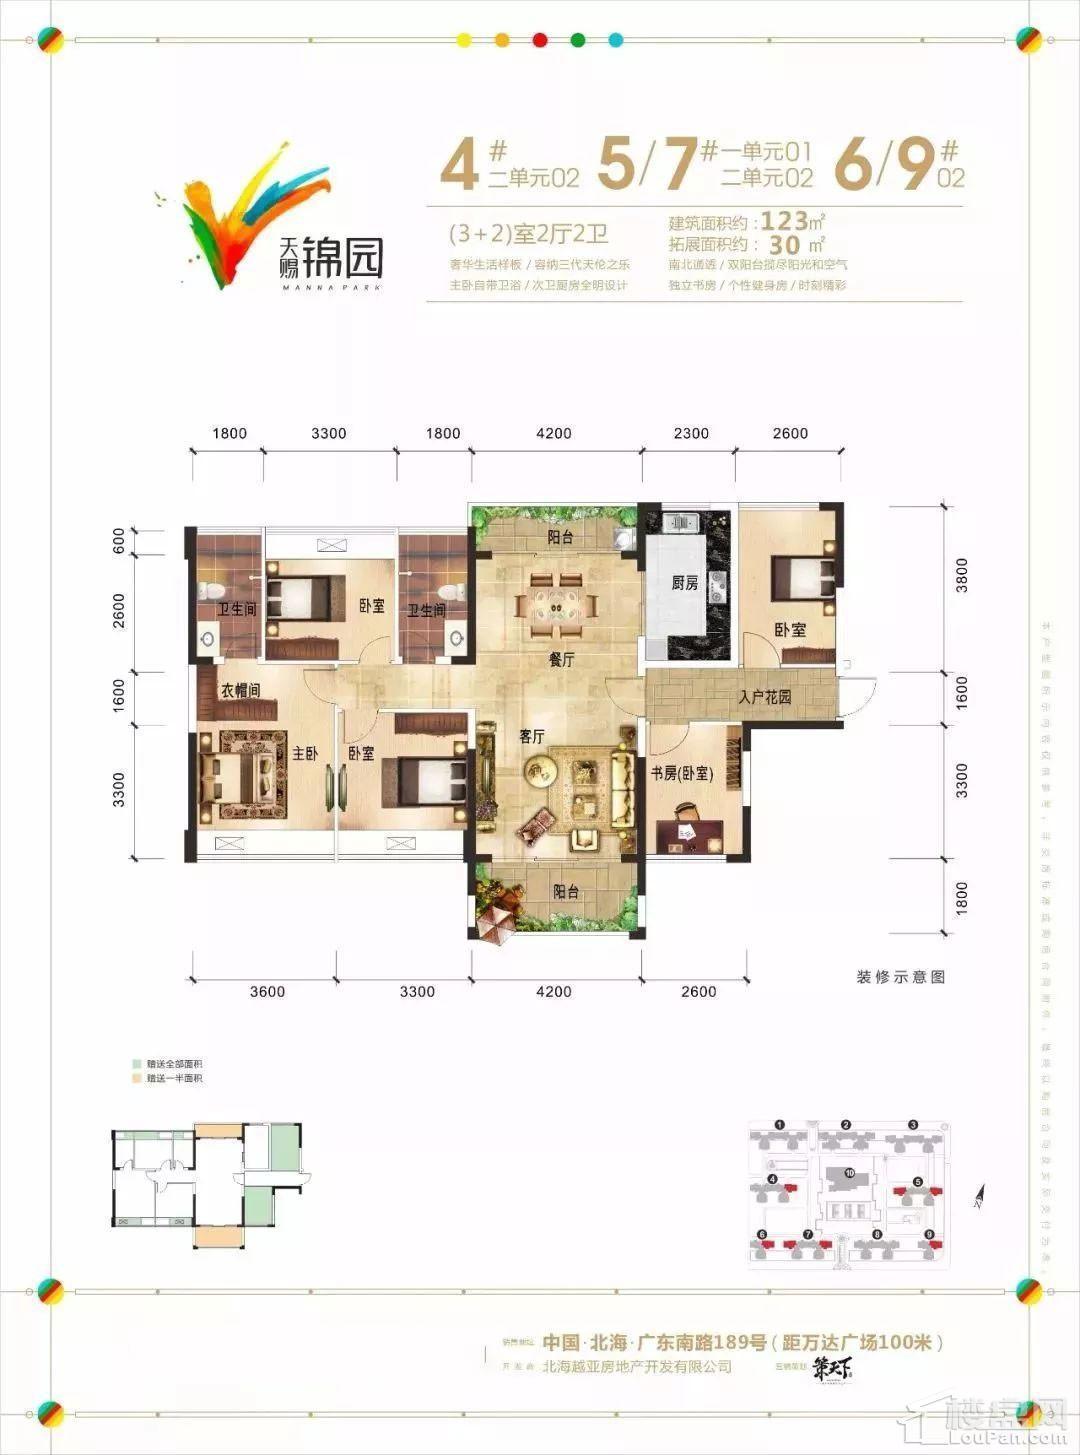 4#二单元、5/6#一单元 5室2厅2卫 约123m²